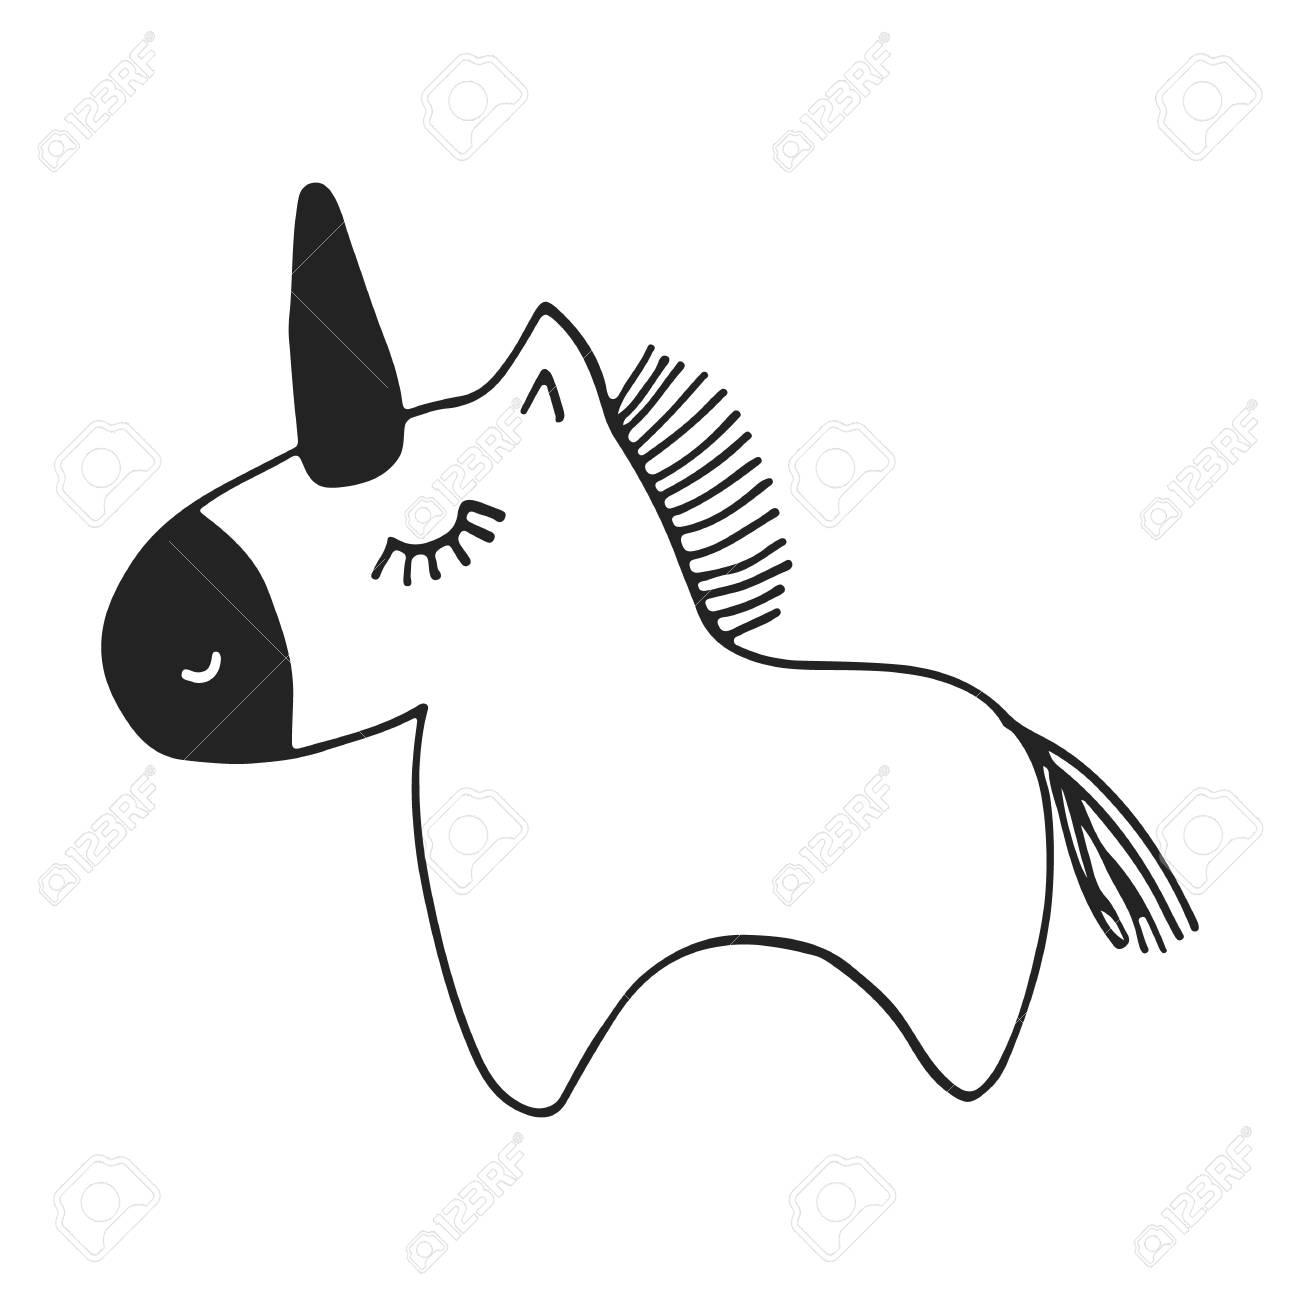 北欧スタイルでユニコーンとかわいい手描き下ろし保育園ポスター モノクロのベクター イラストです のイラスト素材 ベクタ Image